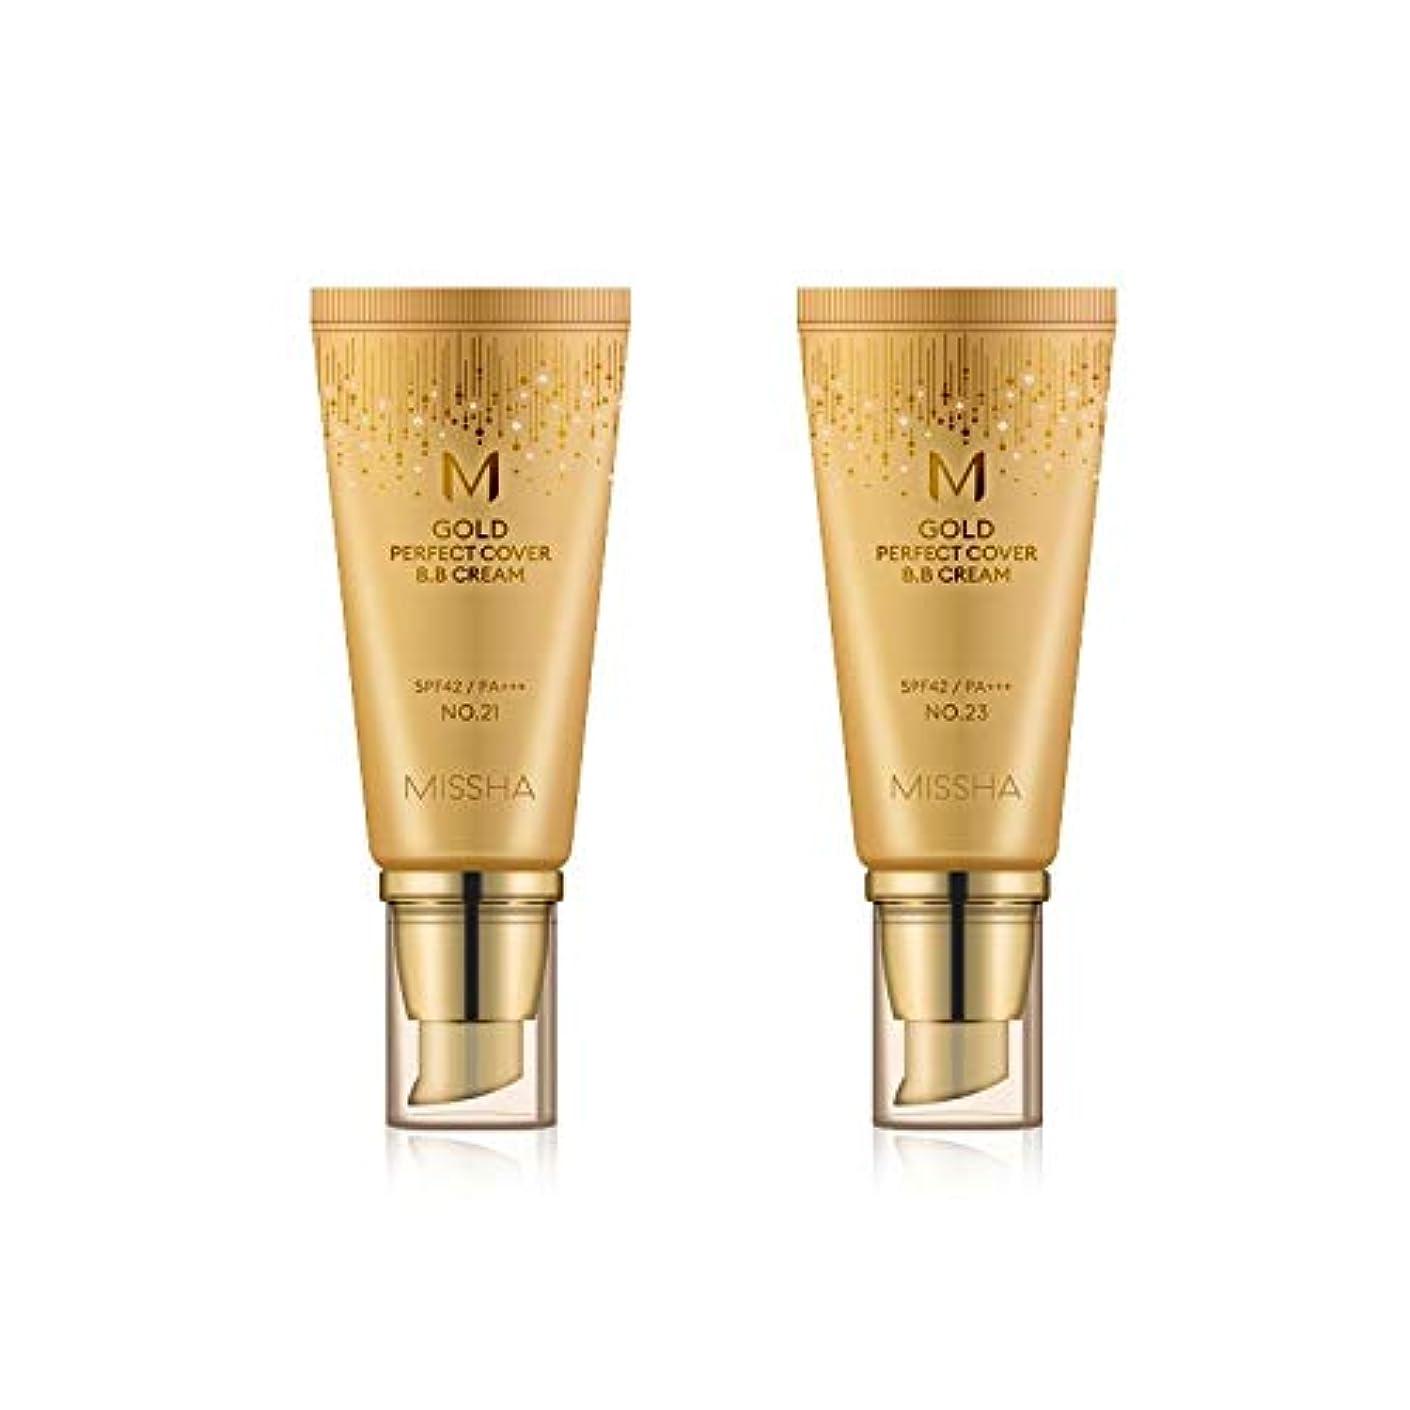 強制混沌操作可能MISSHA Gold Perfecte Cover BB Cream SPF42 PA+++ / ミシャ ゴールド パーフェクト カバー BBクリーム 50ml *NO.23 [並行輸入品]